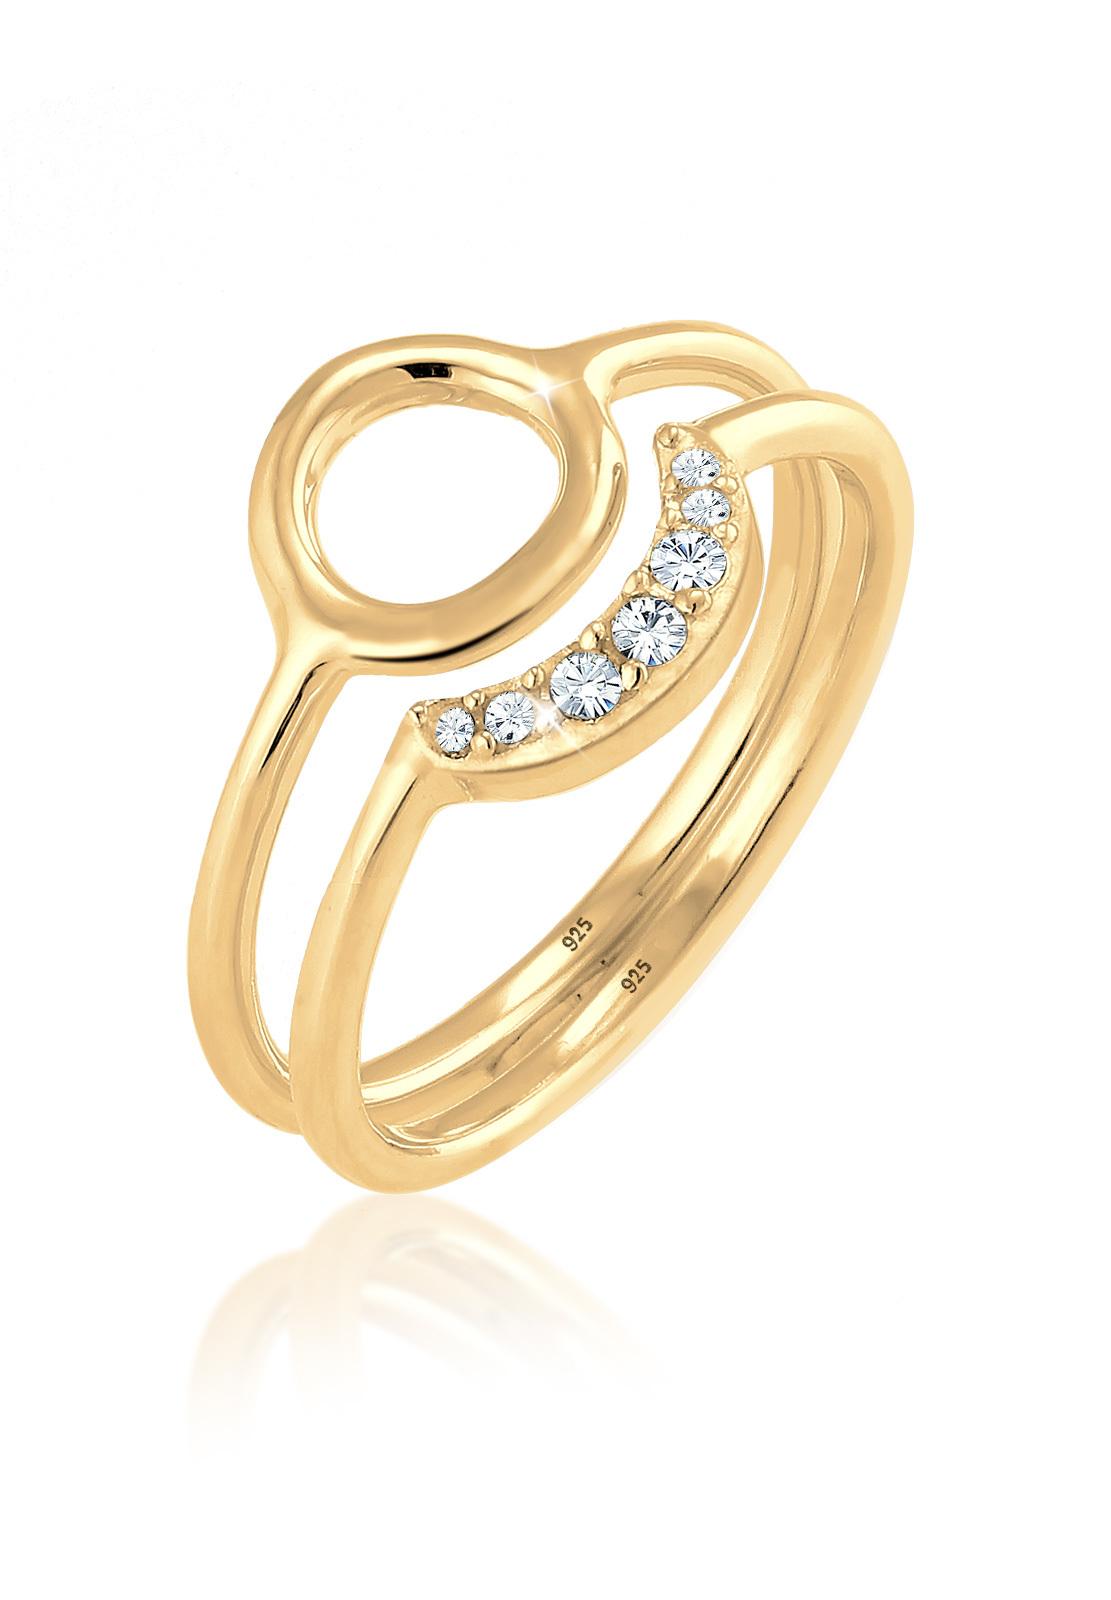 Ringset Astro   Kristall ( Weiß )   925 Sterling Silber vergoldet